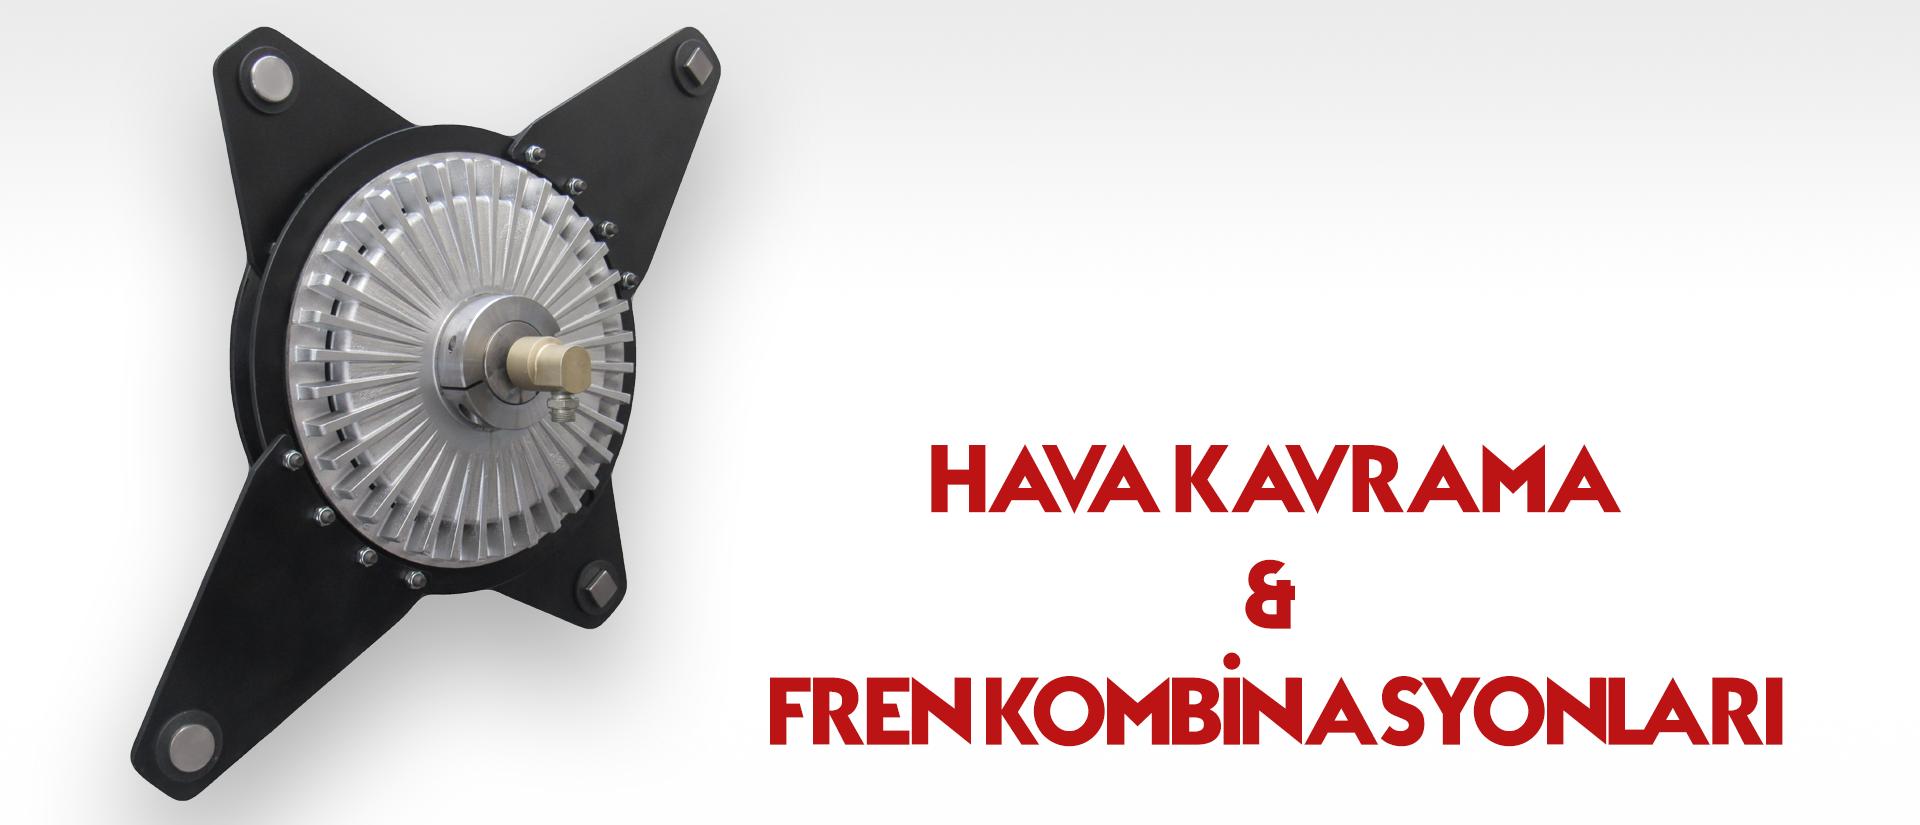 hava_kavrama-tr